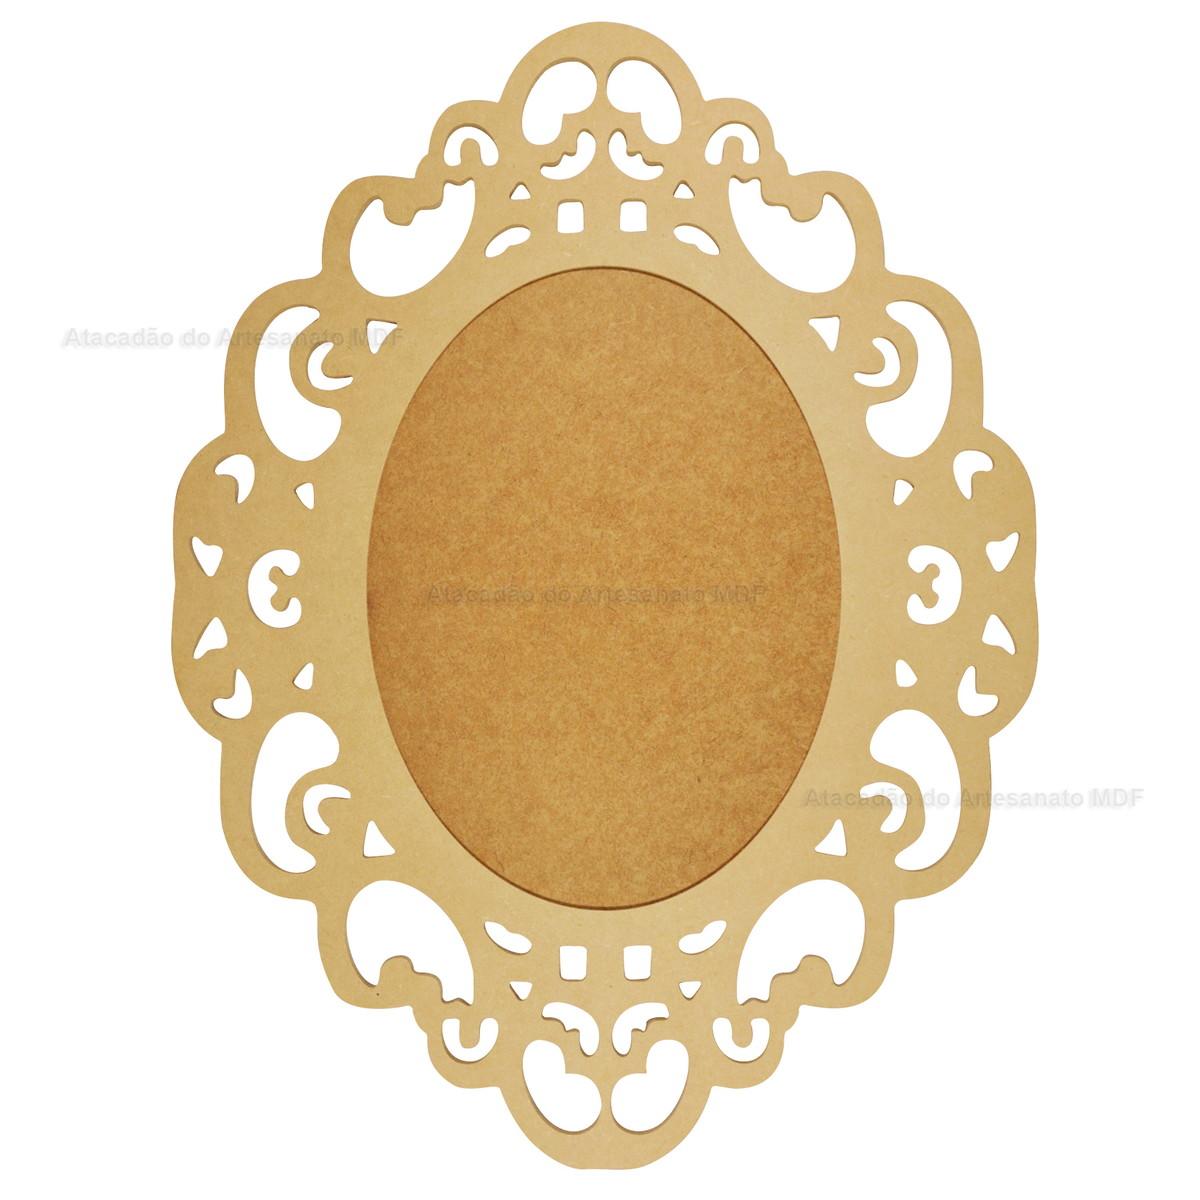 Quadro moldura arabesco p espelho p cru no elo7 for Molduras para espejos online